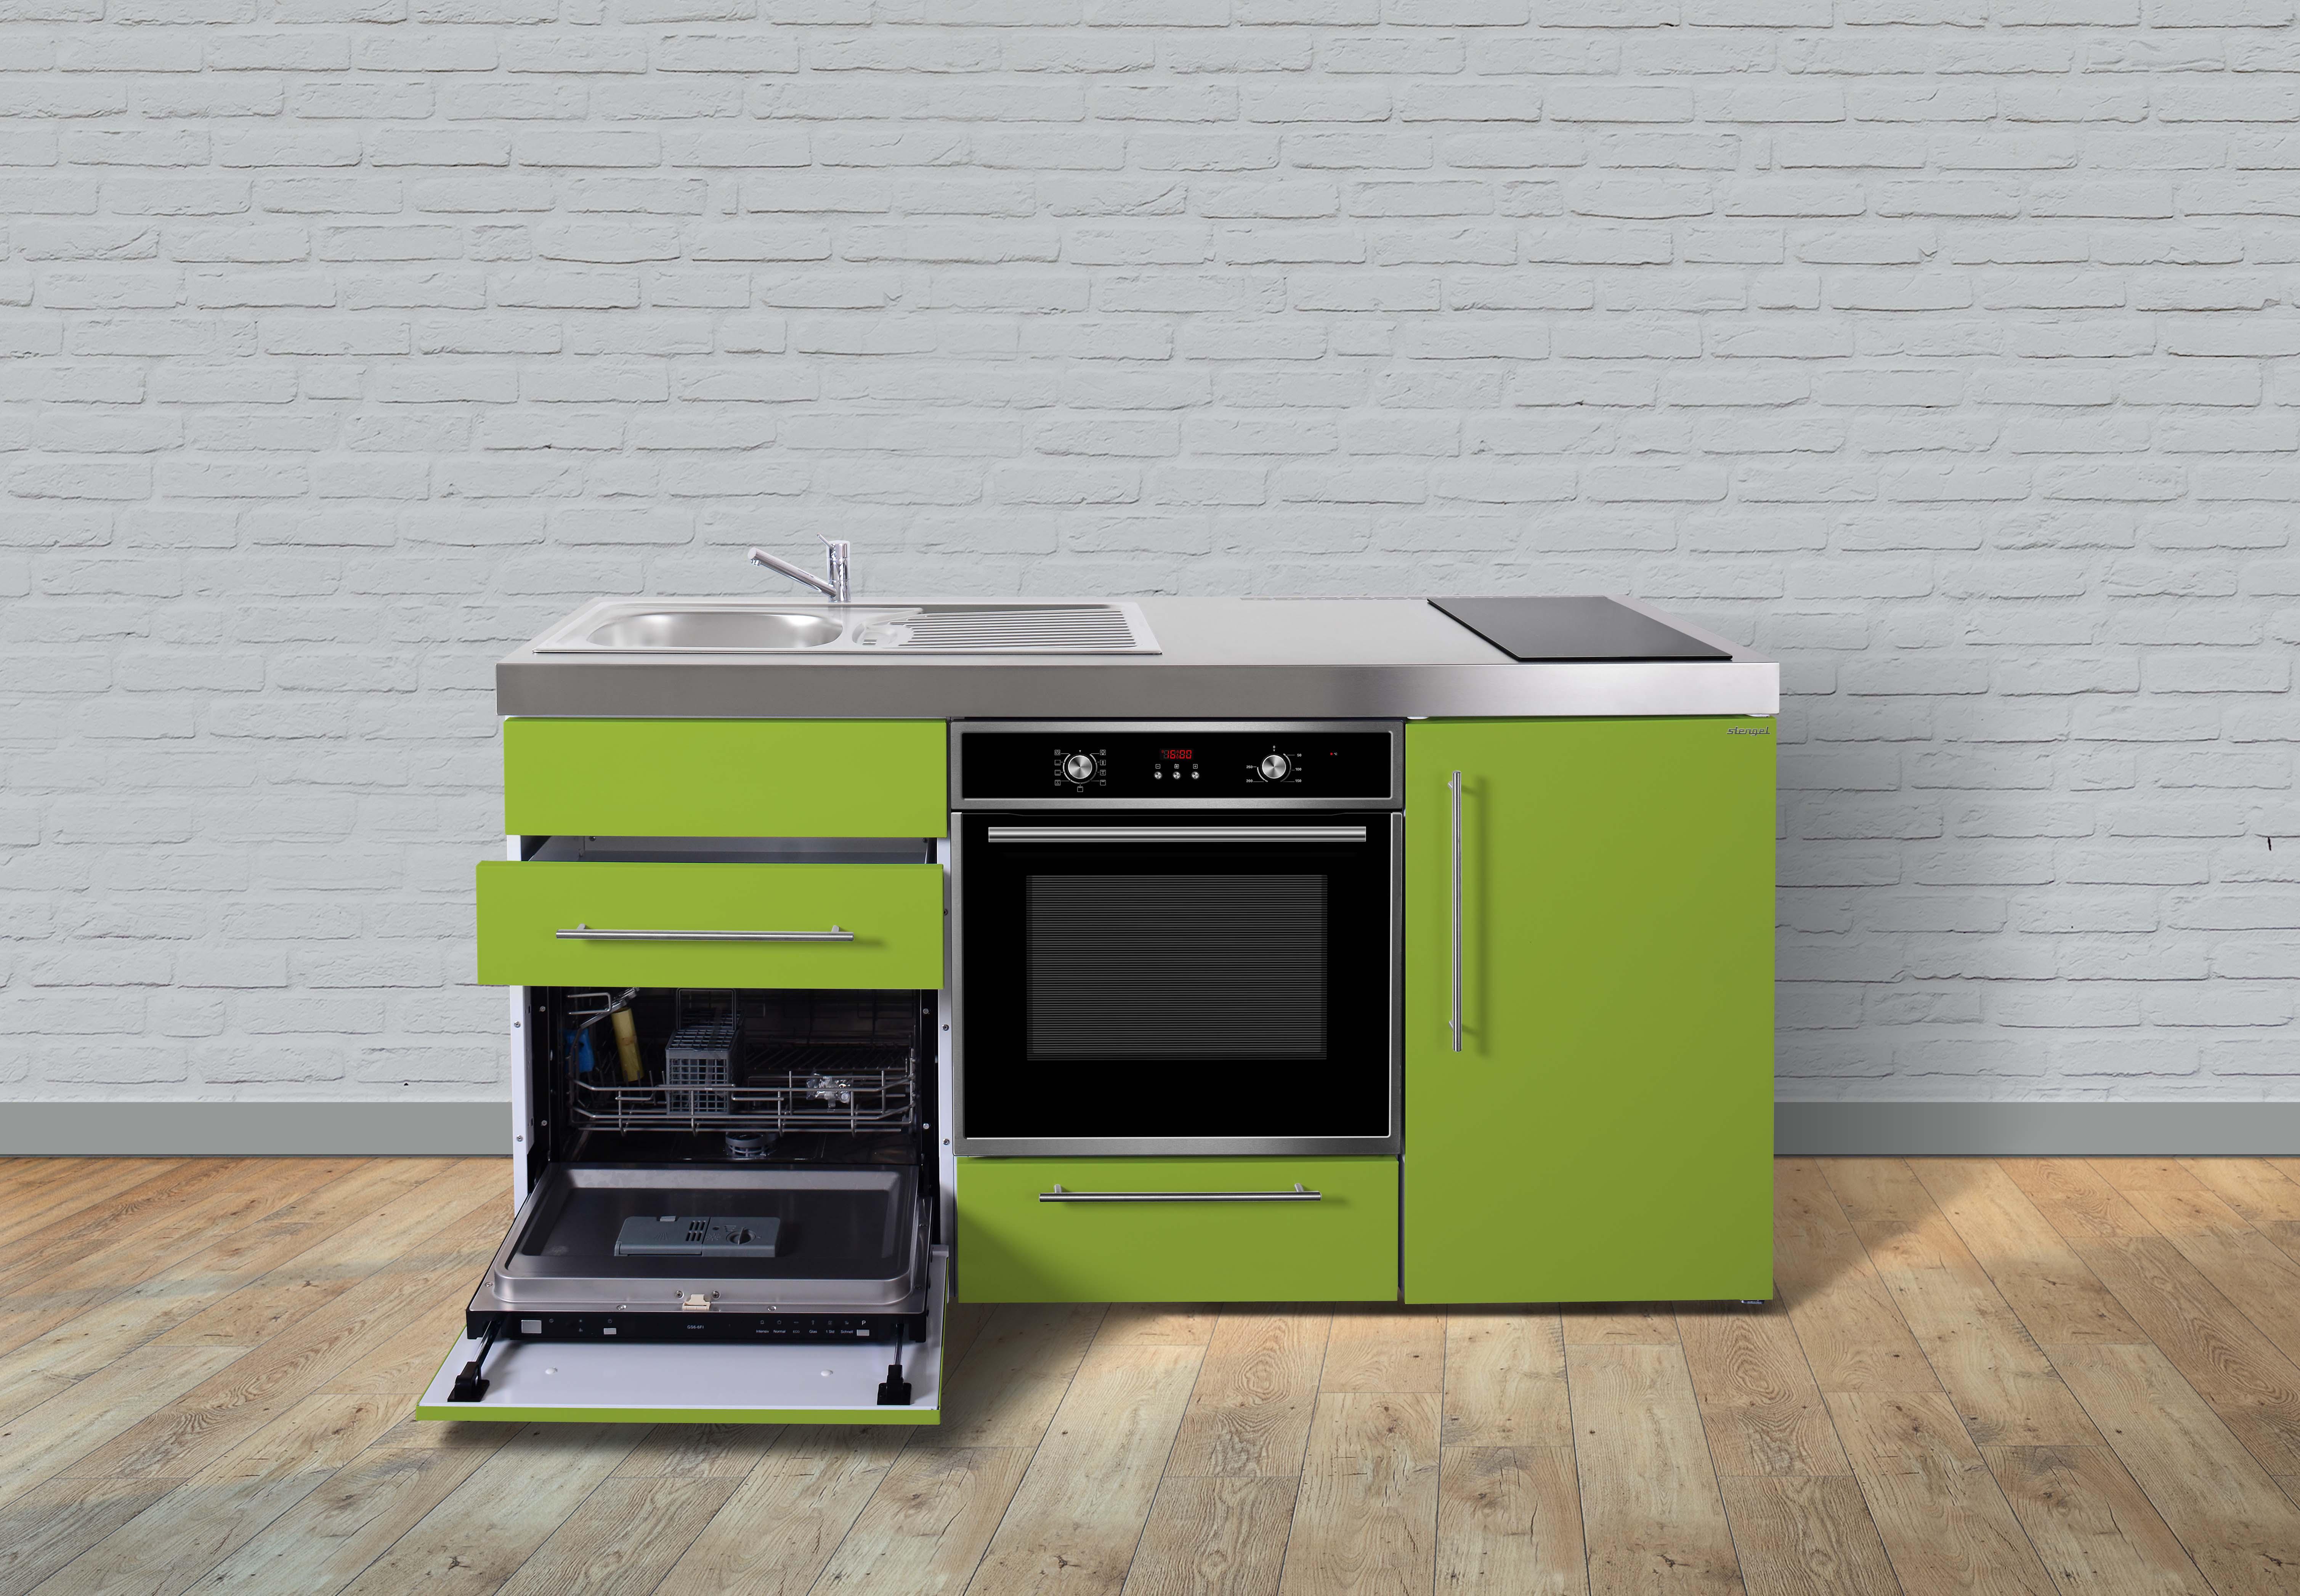 Küchenpantry frank zimmerlin freiburg mini küchen pantry küchen